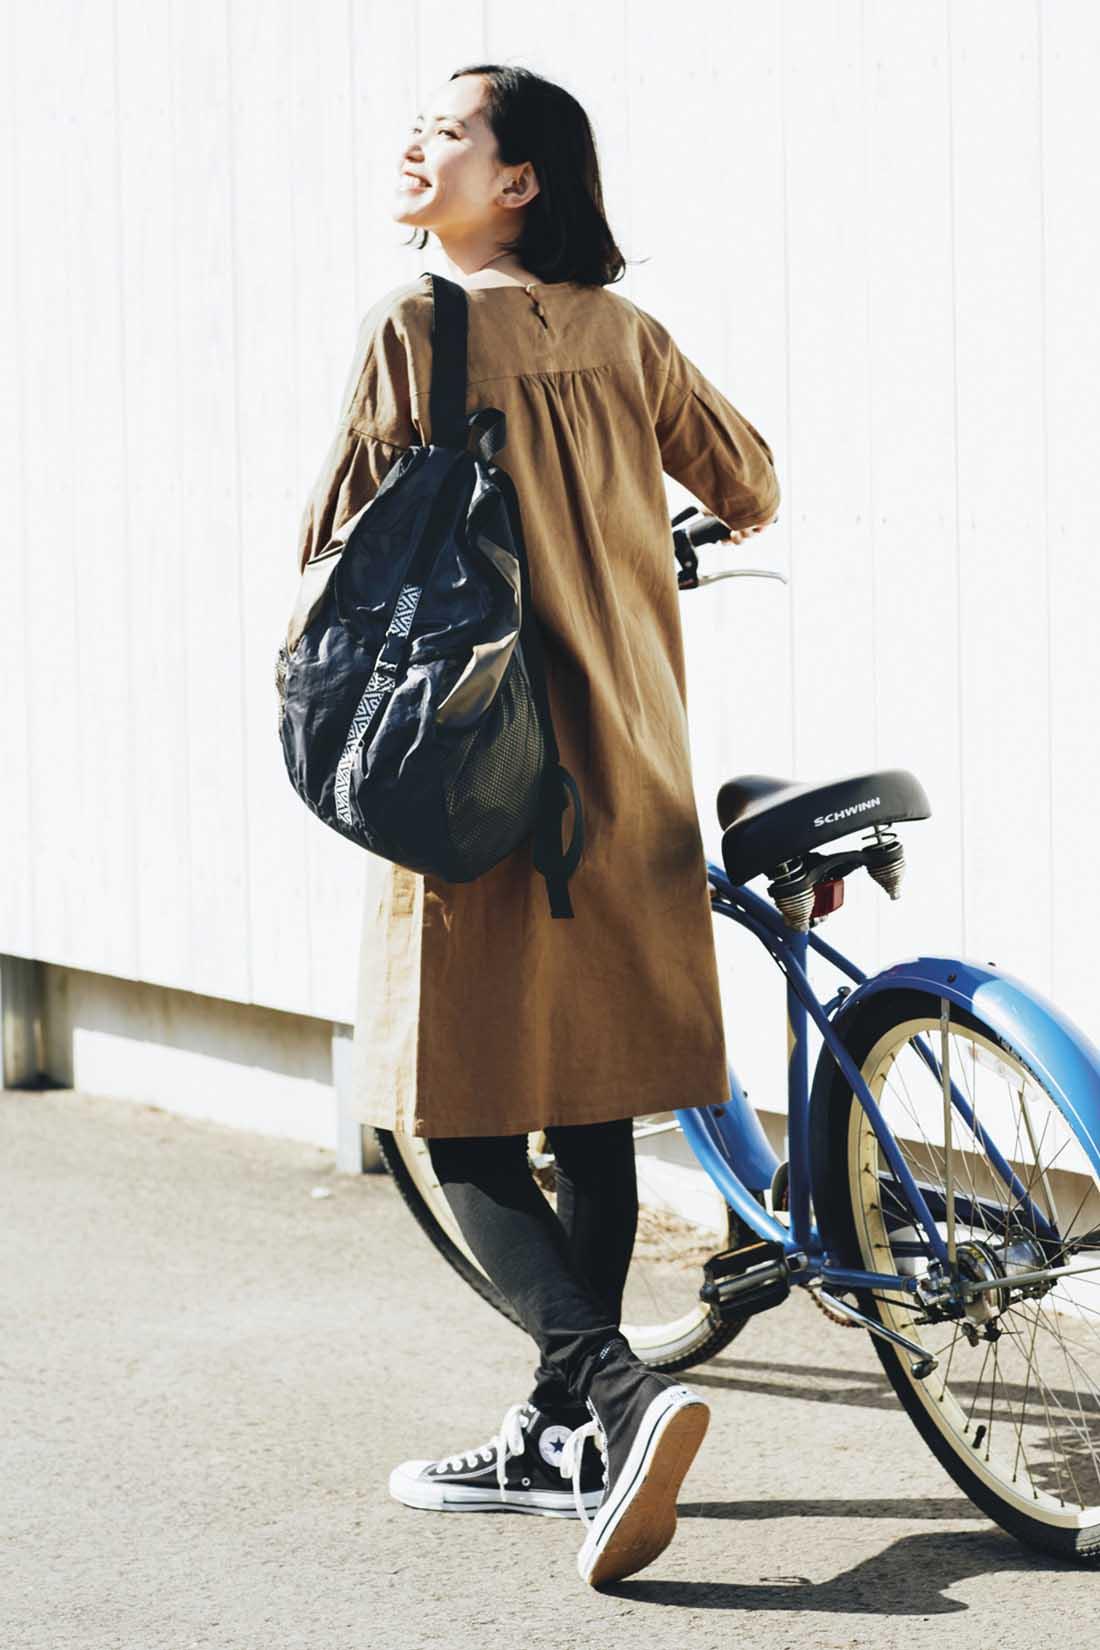 リュックは自転車にも便利。荷物が増えたとき用のサブバッグとして、たたんで持ち歩いても。